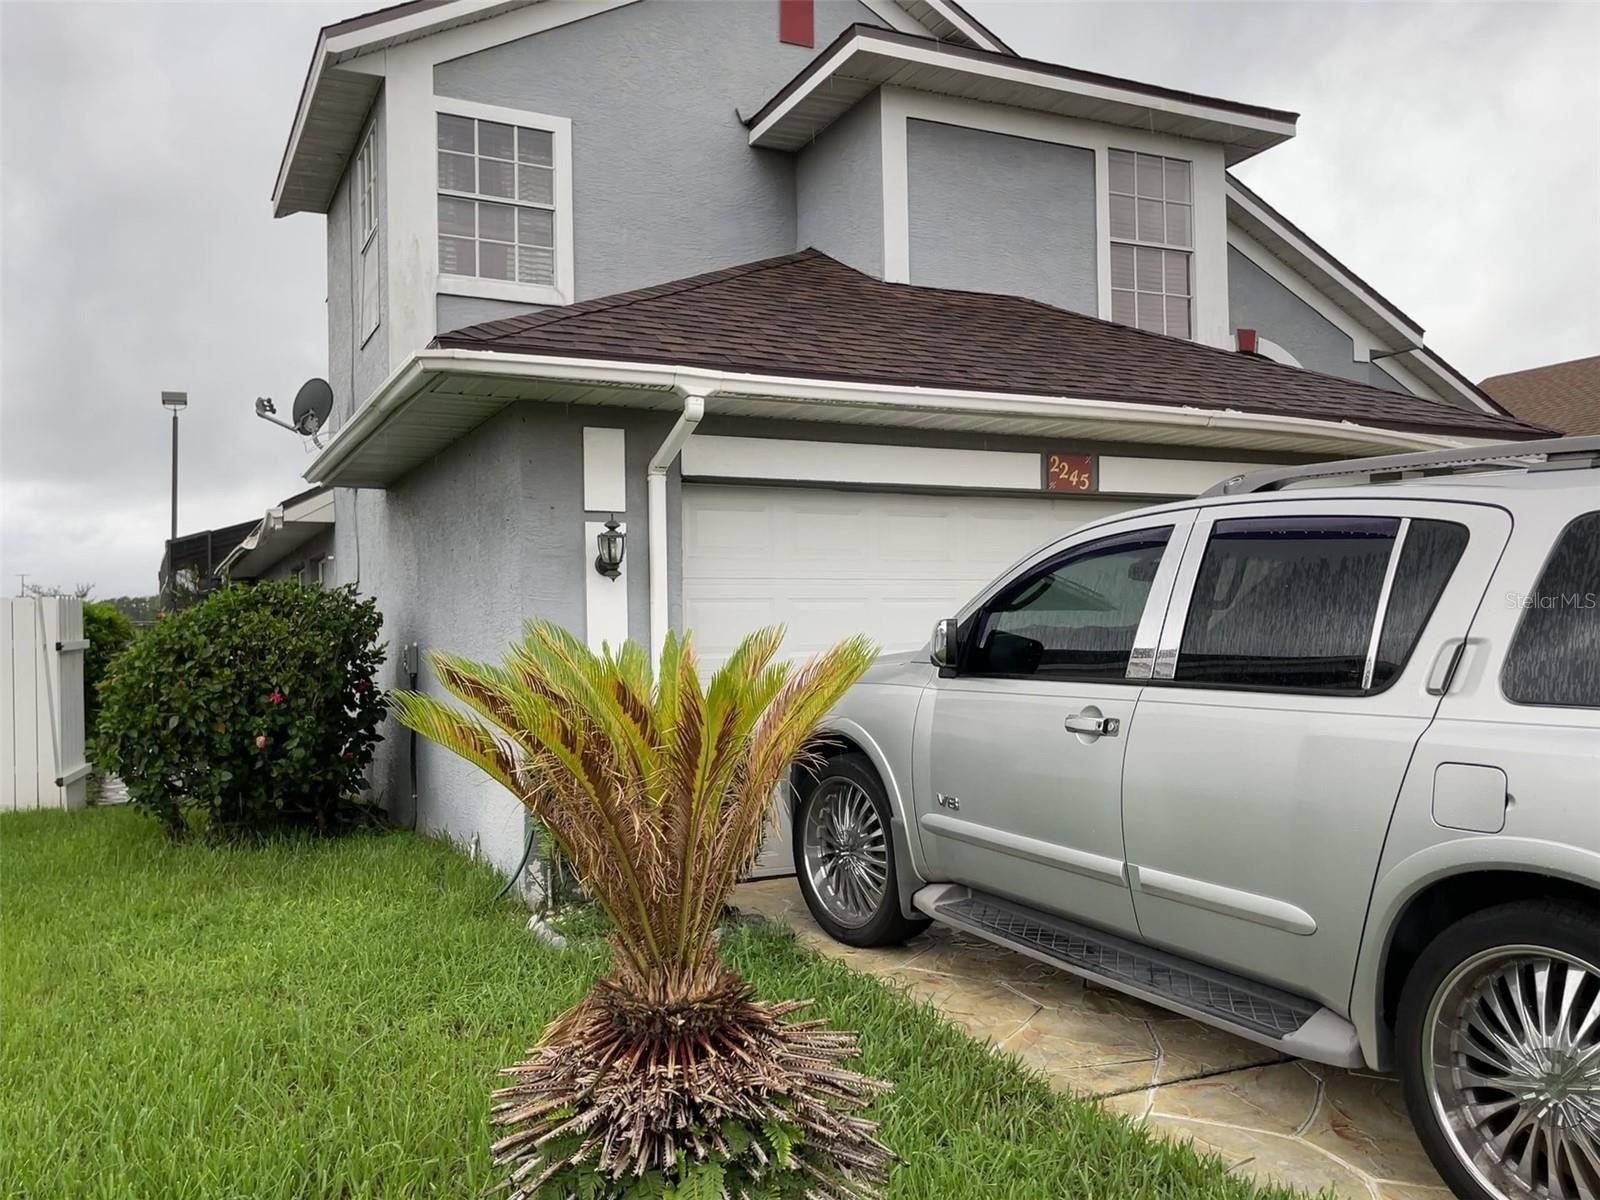 2245 LAUREL PINE LANE, Orlando, FL 32837 - #: O5957229